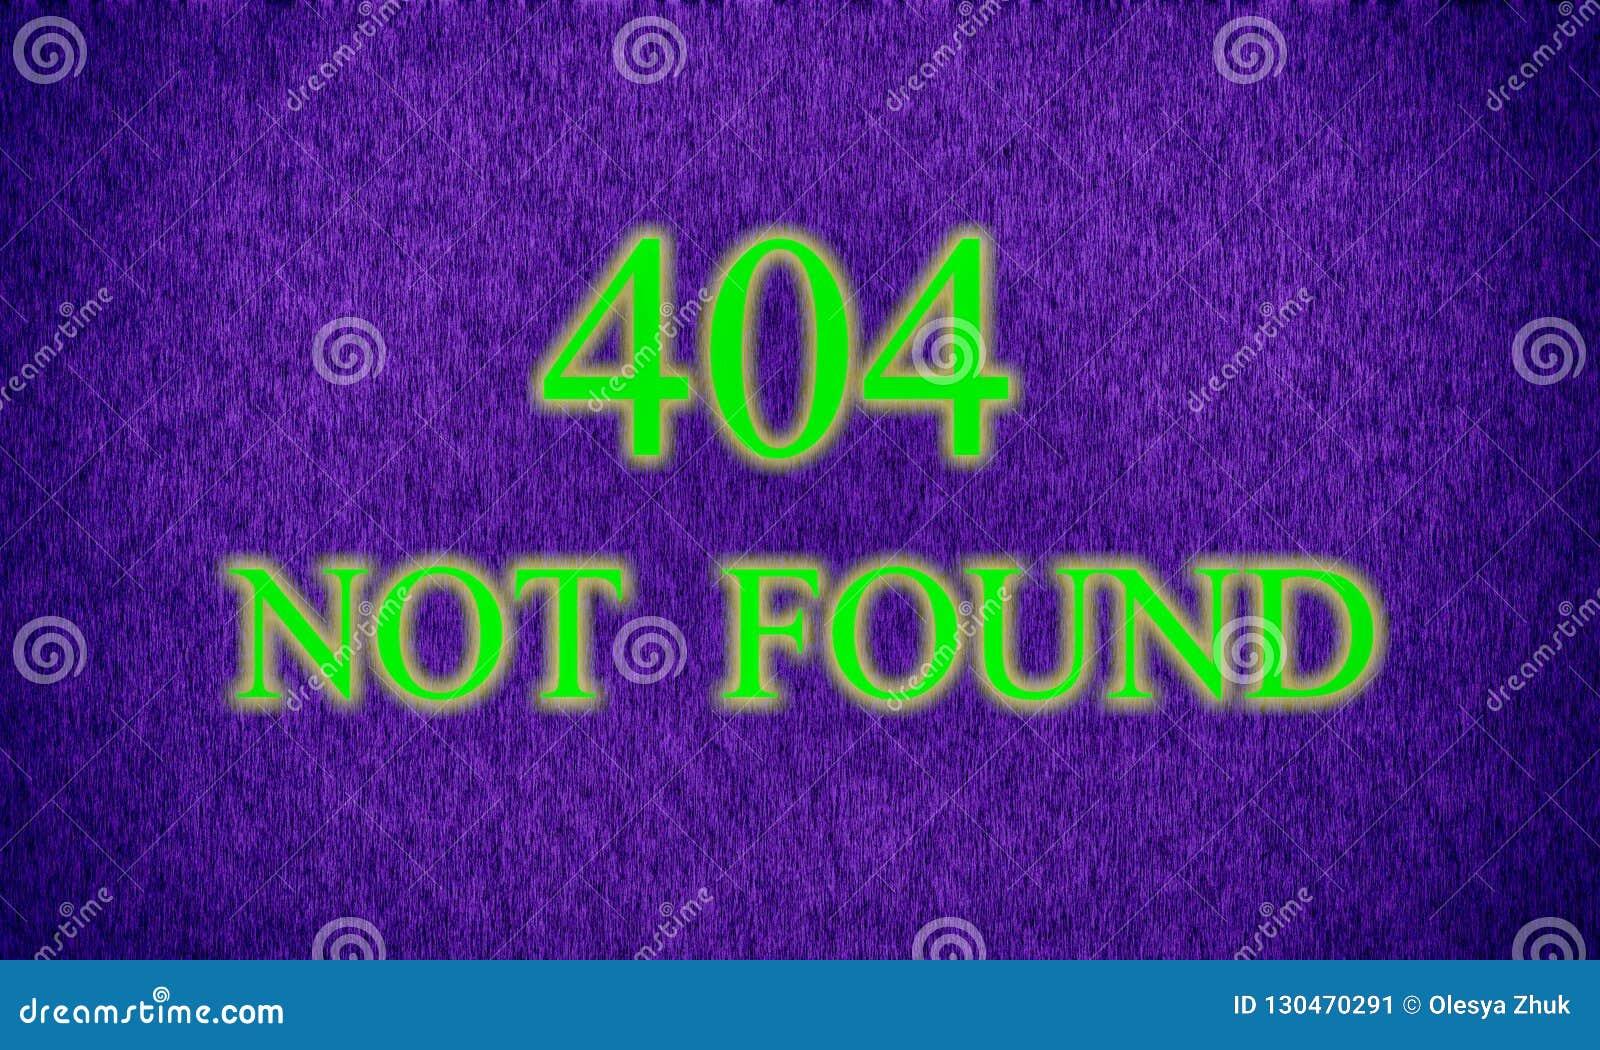 Sida att inte grunda, serverfel 404